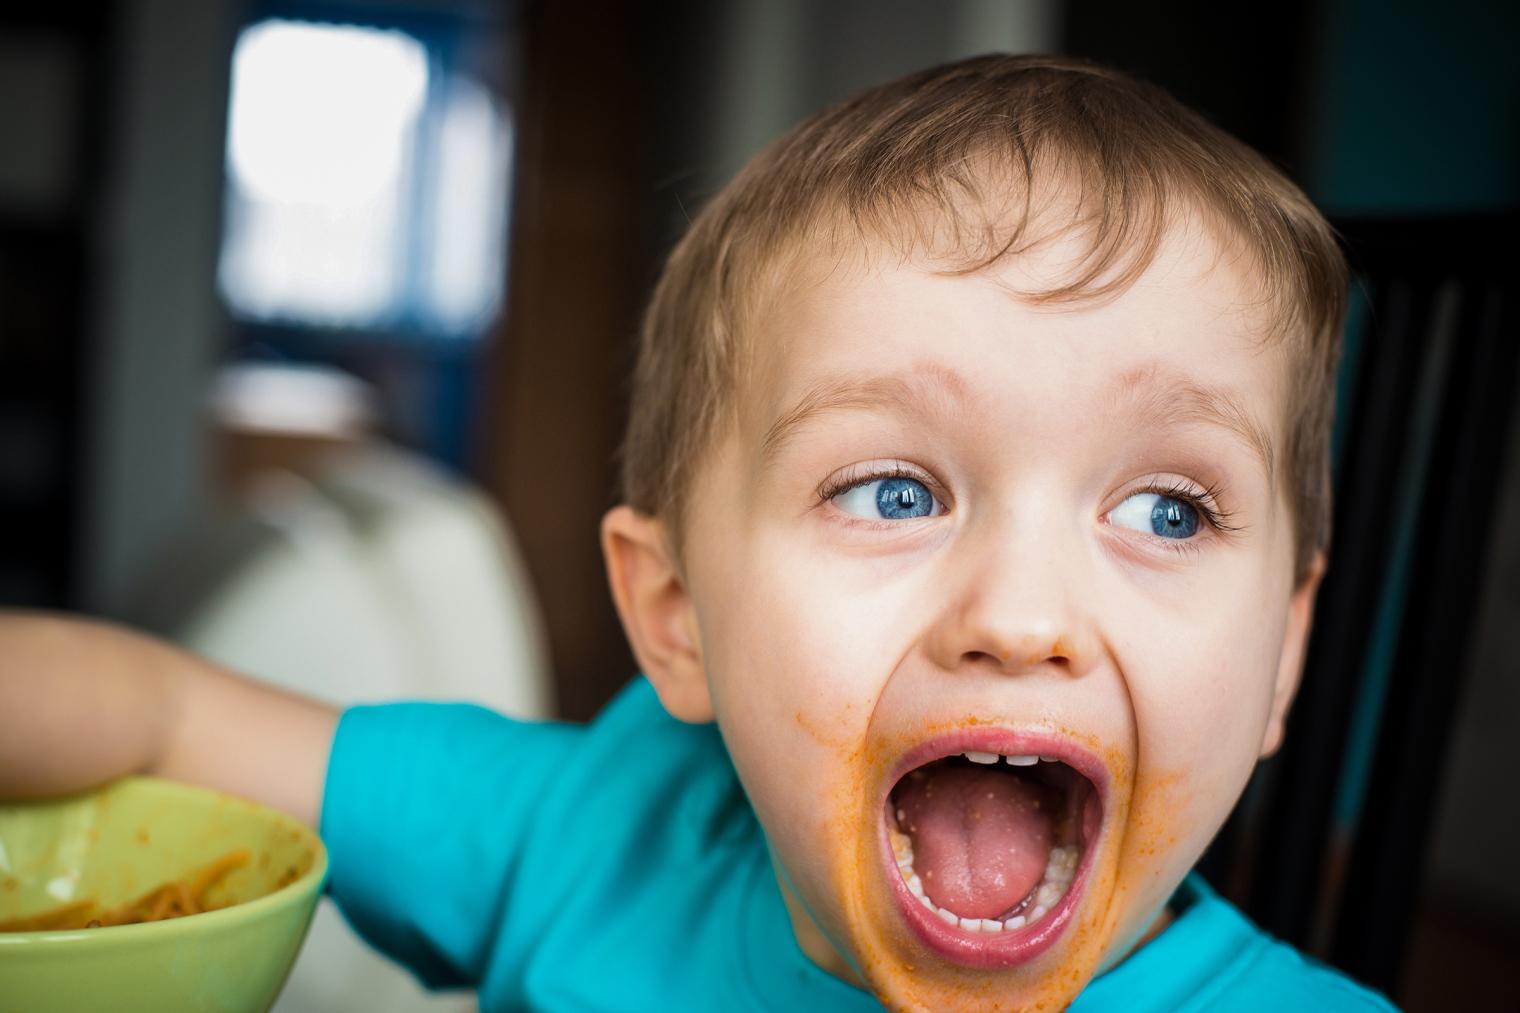 web-screaming-kid-shutterstock_128336156